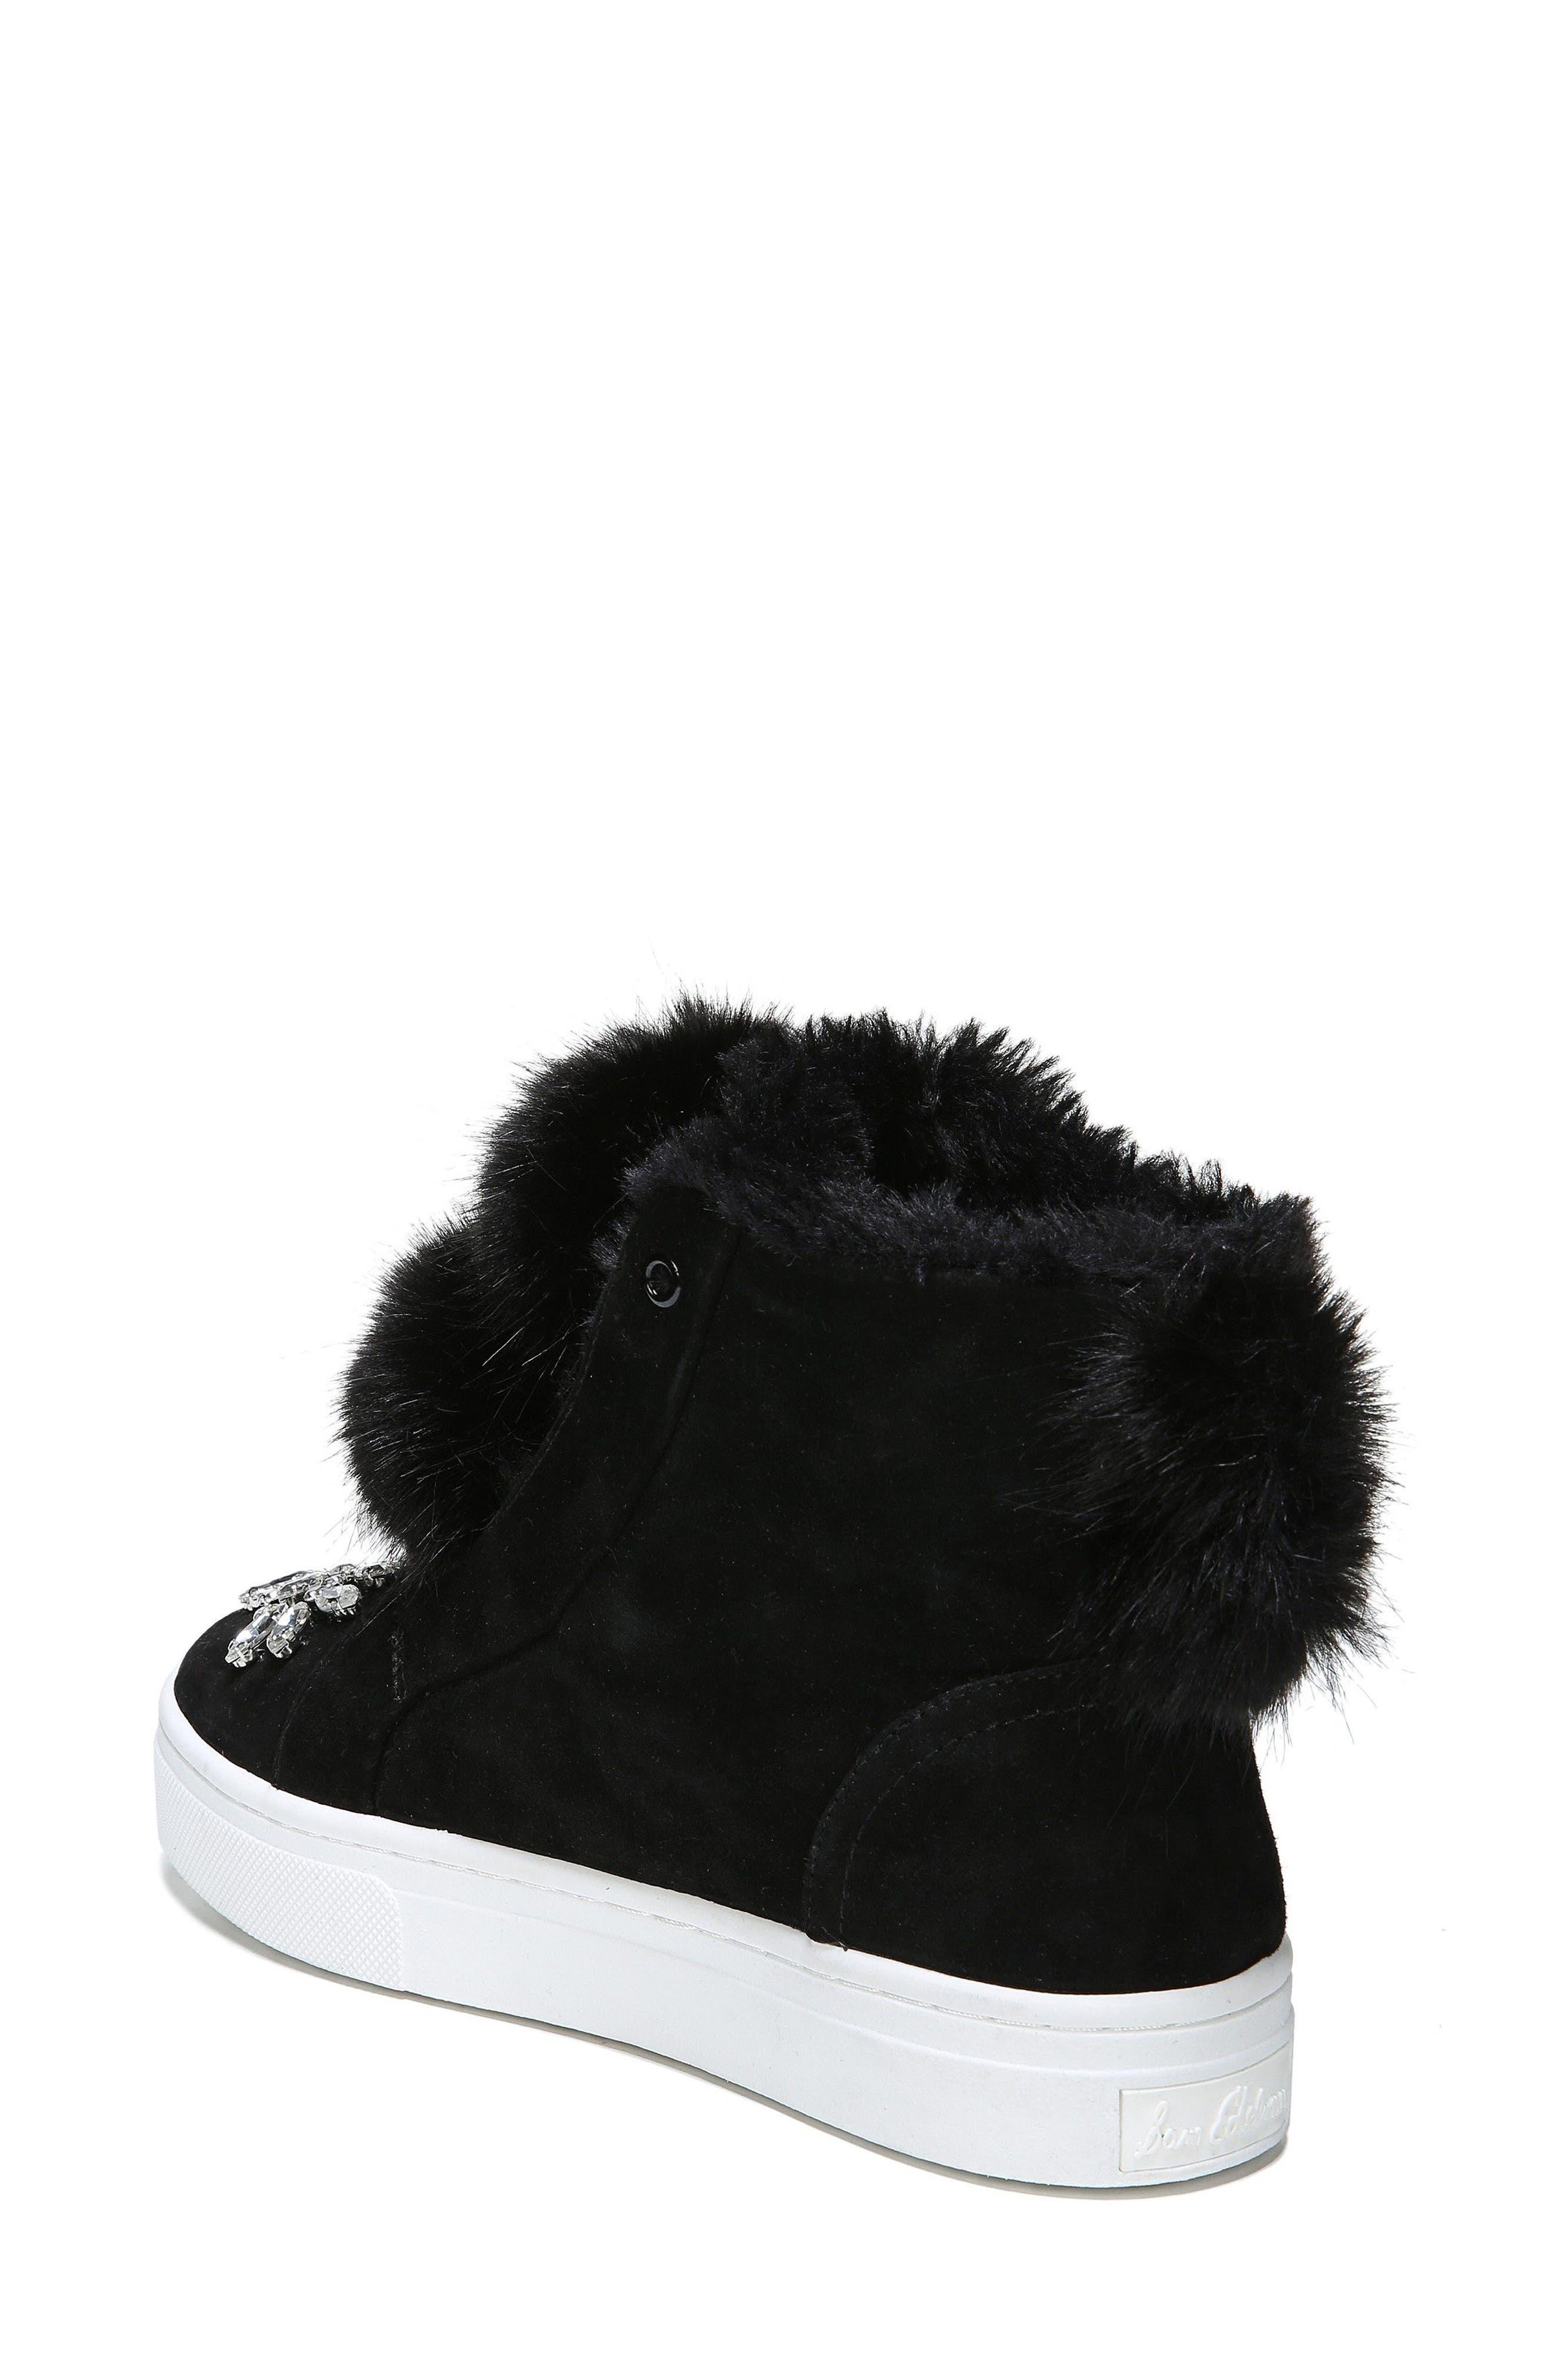 Leland Faux Fur Sneaker,                             Alternate thumbnail 3, color,                             Black Suede